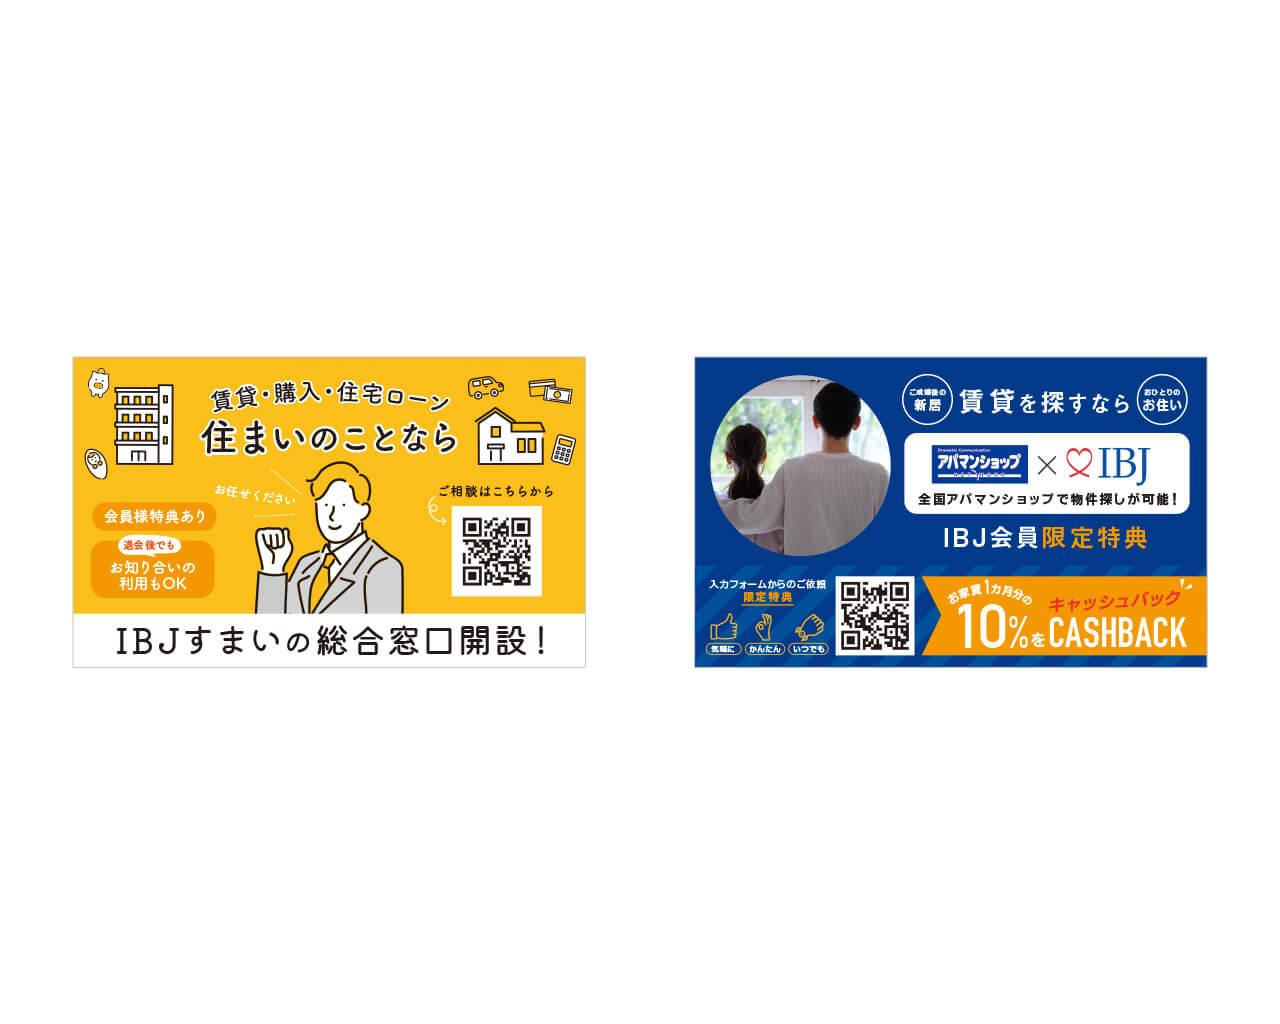 株式会社IBJファイナンシャルアドバイザリー株式会社 カード